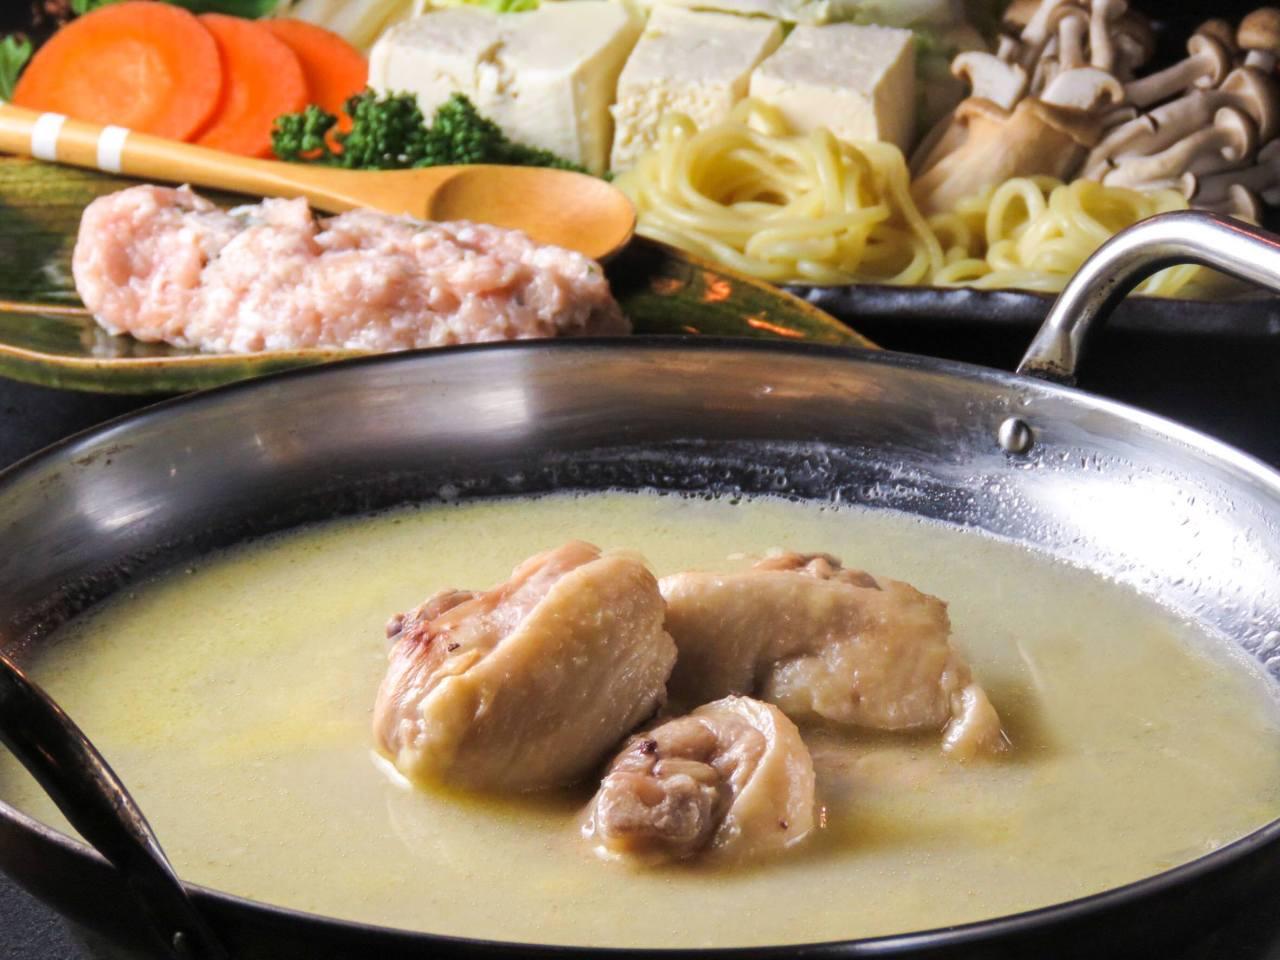 濃厚スープの博多水炊き 【鍋コース】4500円※120分飲み放題付